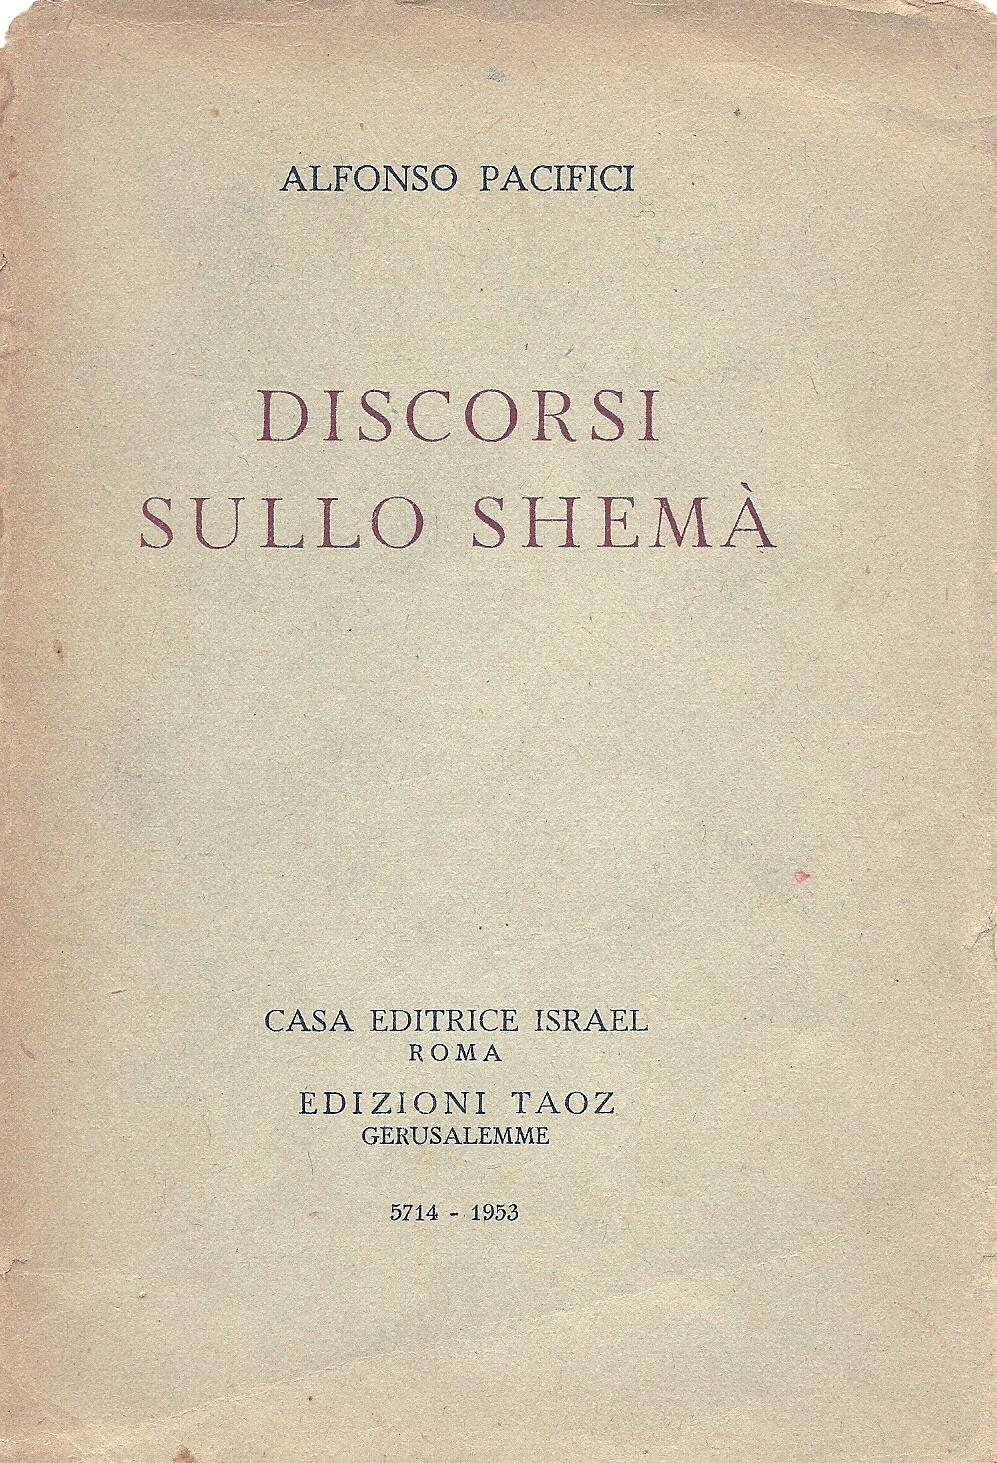 discorsi_sullo_shemà_A_Pacifici.jpg